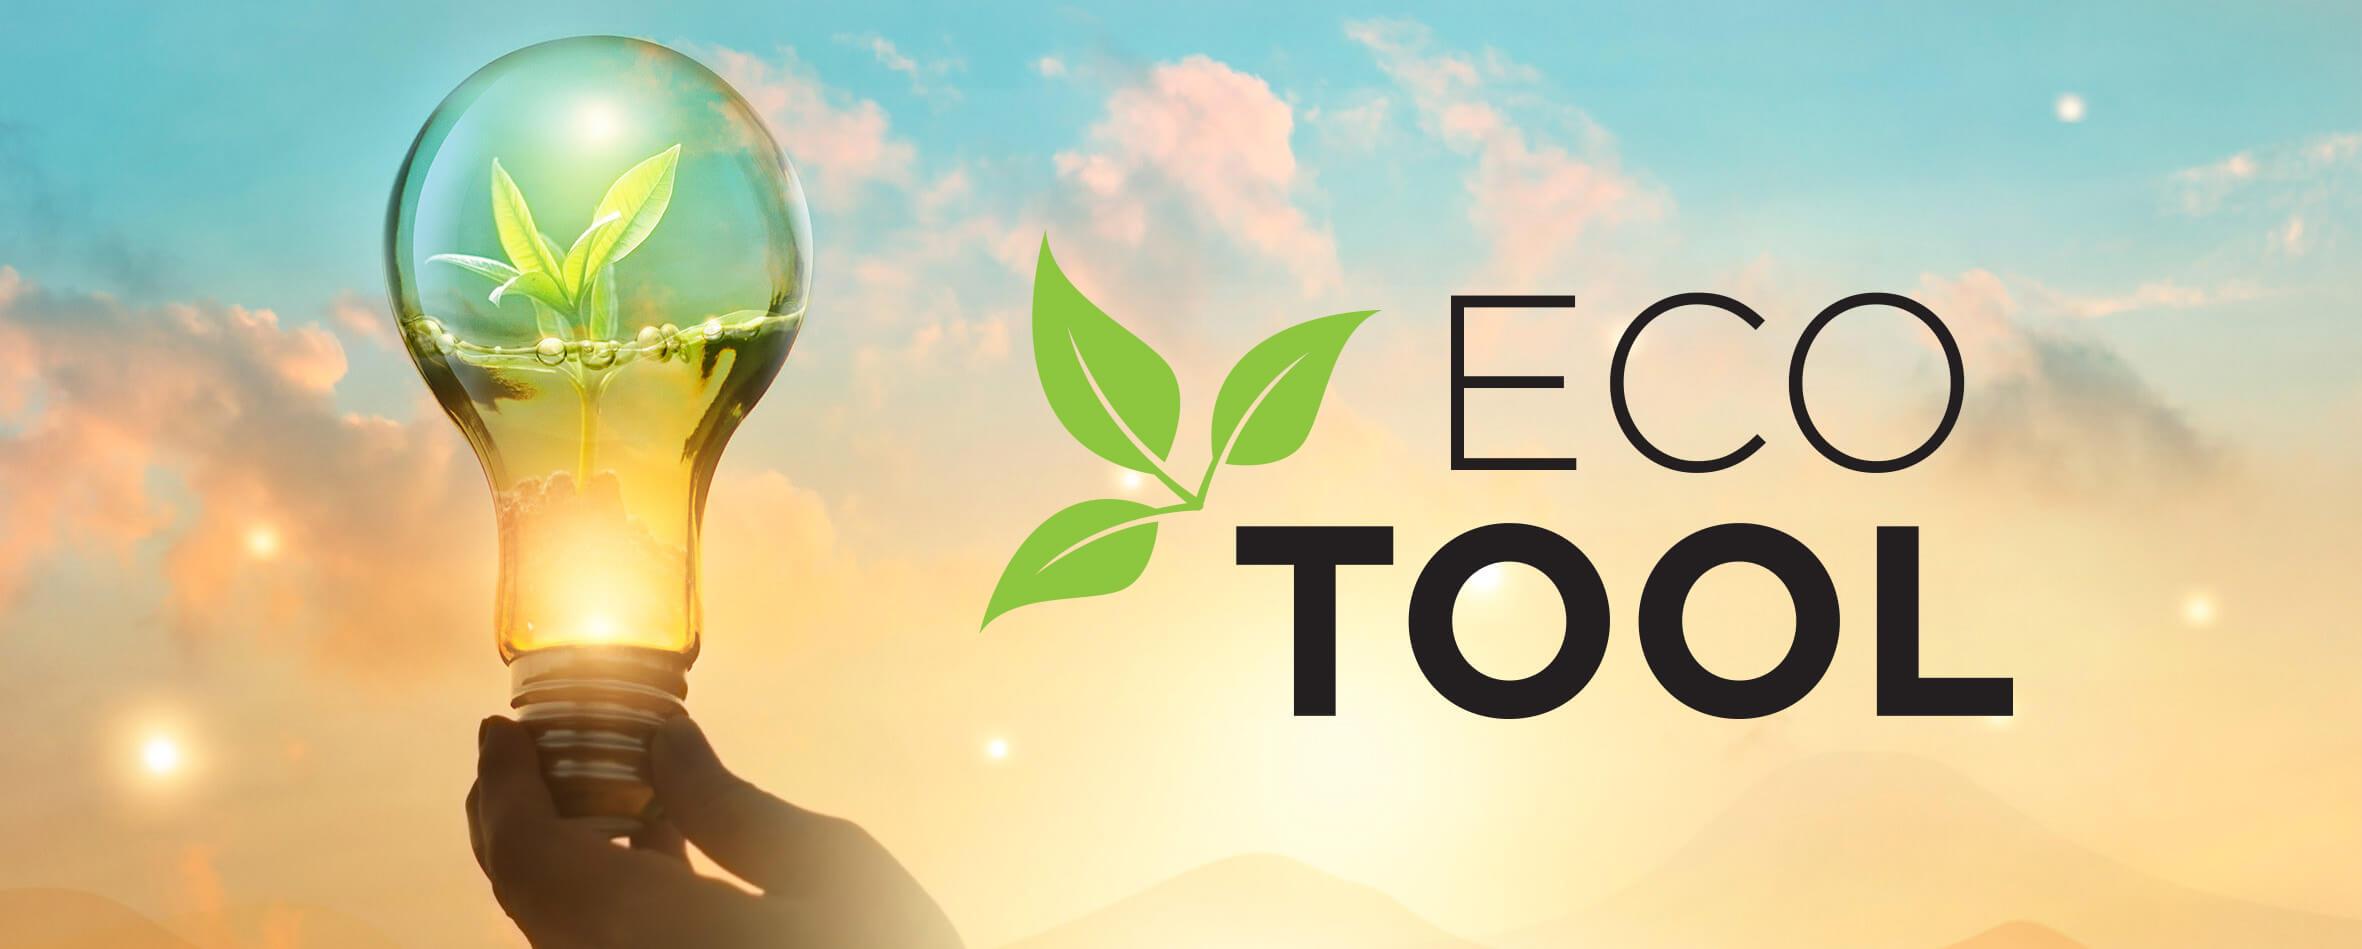 ecotool-revista